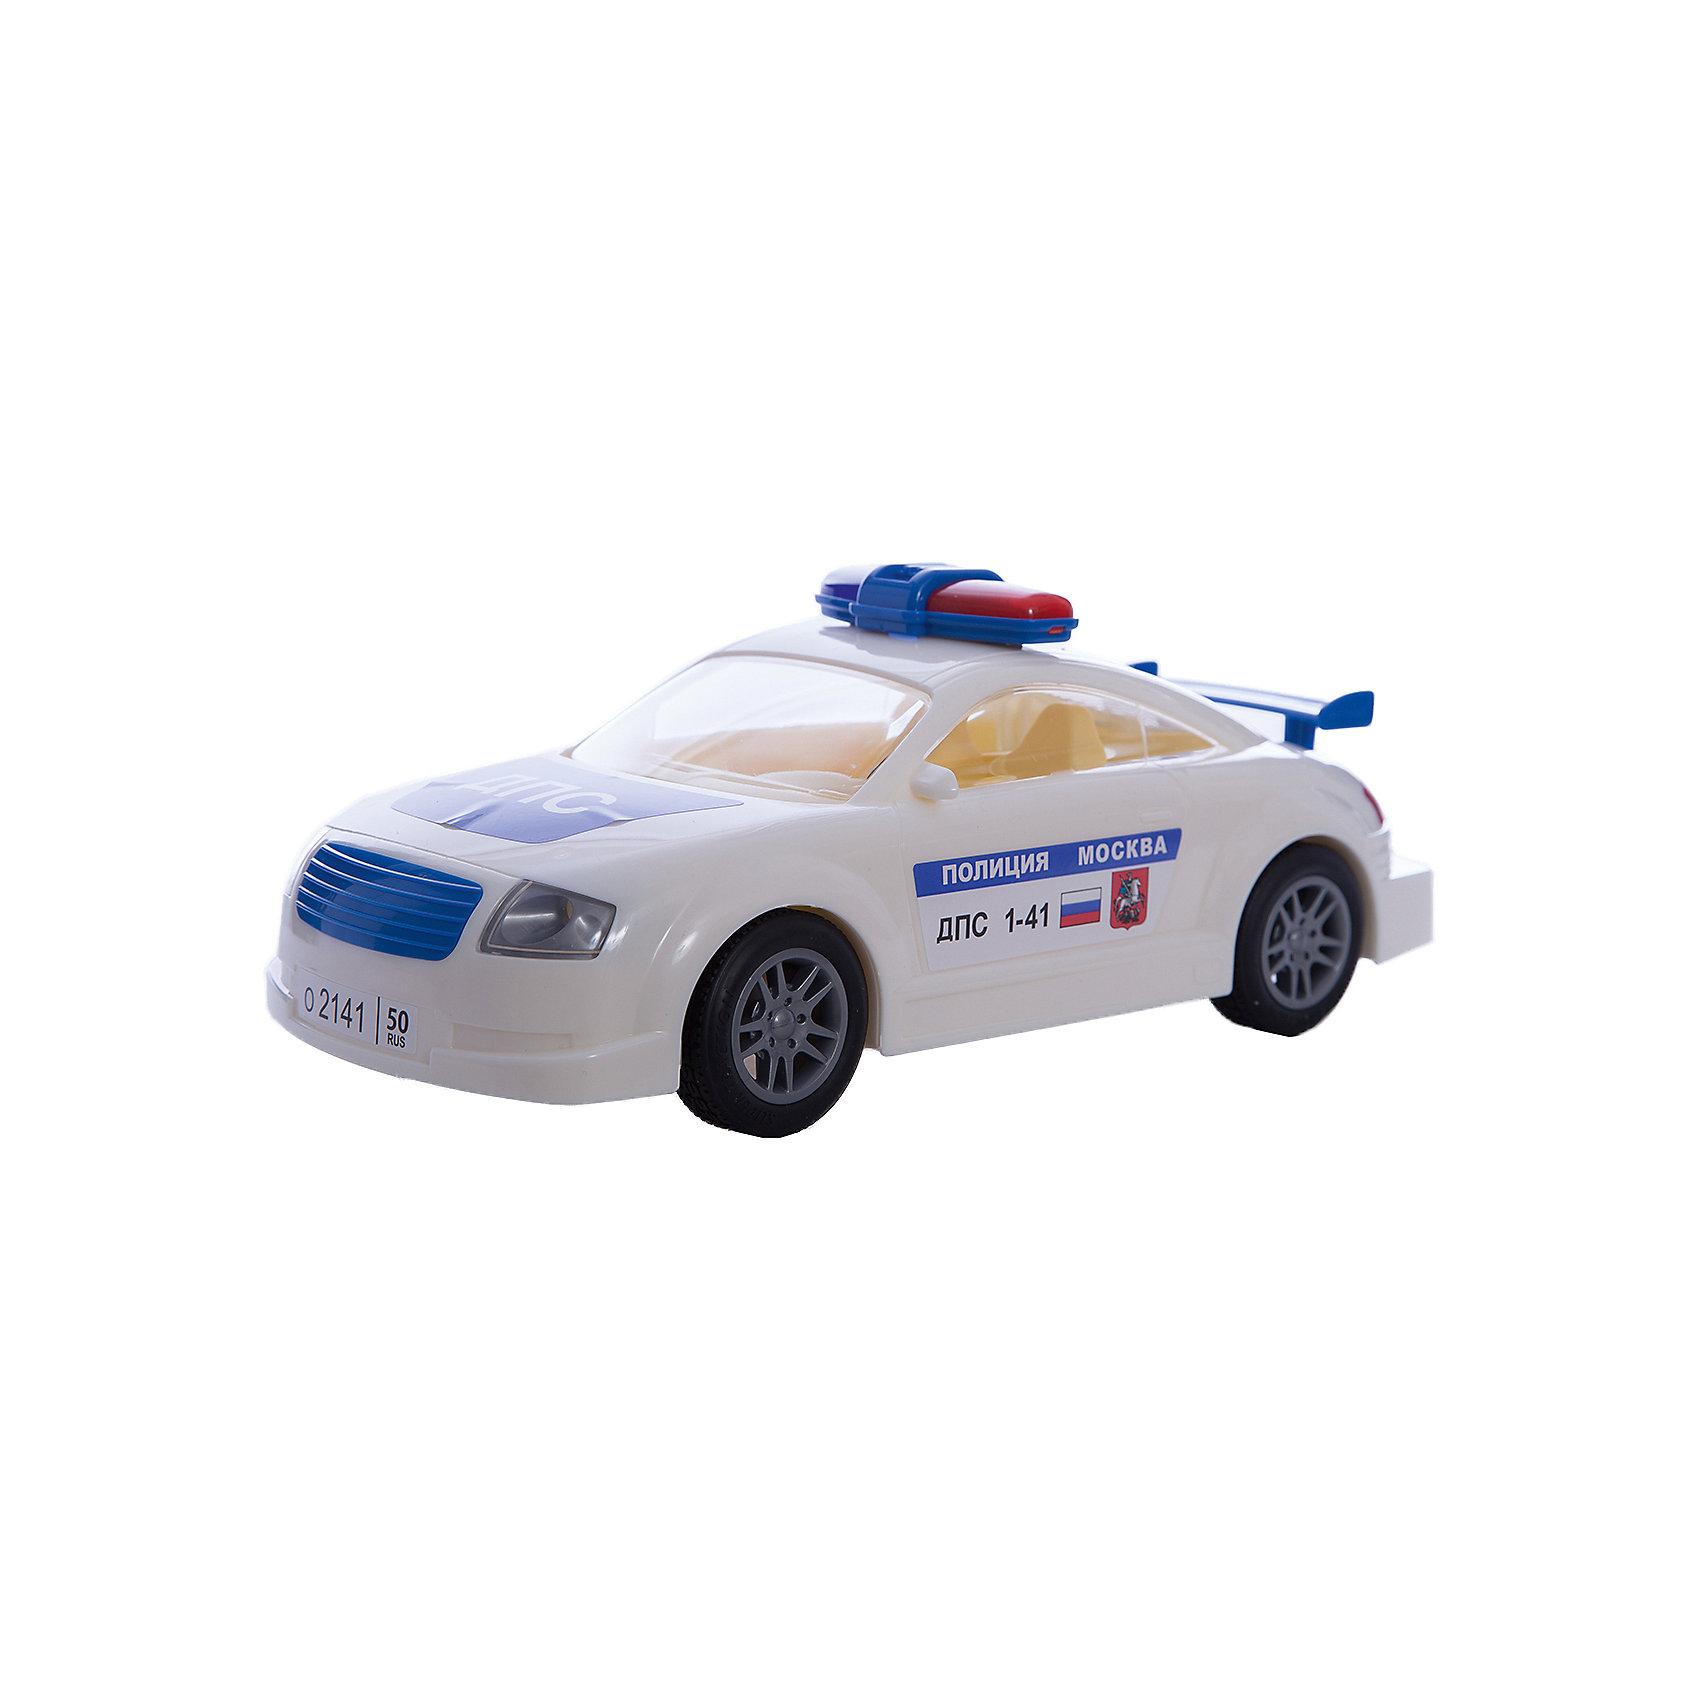 Автомобиль ДПС Москва, ПолесьеАвтомобиль ДПС Москва, Полесье.<br><br>Характеристики:<br><br>- Размер игрушки: 27х10,5х11 см.<br>- Материал: прочный пластик, резина<br><br>Инерционный автомобиль «ДПС Москва» - это точная копия настоящей машины. Он имеет мигалку, спойлер, резиновые колеса и очень реалистичную символику на корпусе. Инерционный механизм позволяет машине продолжать свое движение после запуска. Ребенок будет в восторге от игрушки, ведь на машине можно патрулировать улицы или устроить настоящую погоню за нарушителями.<br><br>Автомобиль ДПС Москва, Полесье можно купить в нашем интернет-магазине.<br><br>Ширина мм: 268<br>Глубина мм: 115<br>Высота мм: 100<br>Вес г: 330<br>Возраст от месяцев: 36<br>Возраст до месяцев: 96<br>Пол: Мужской<br>Возраст: Детский<br>SKU: 4763436